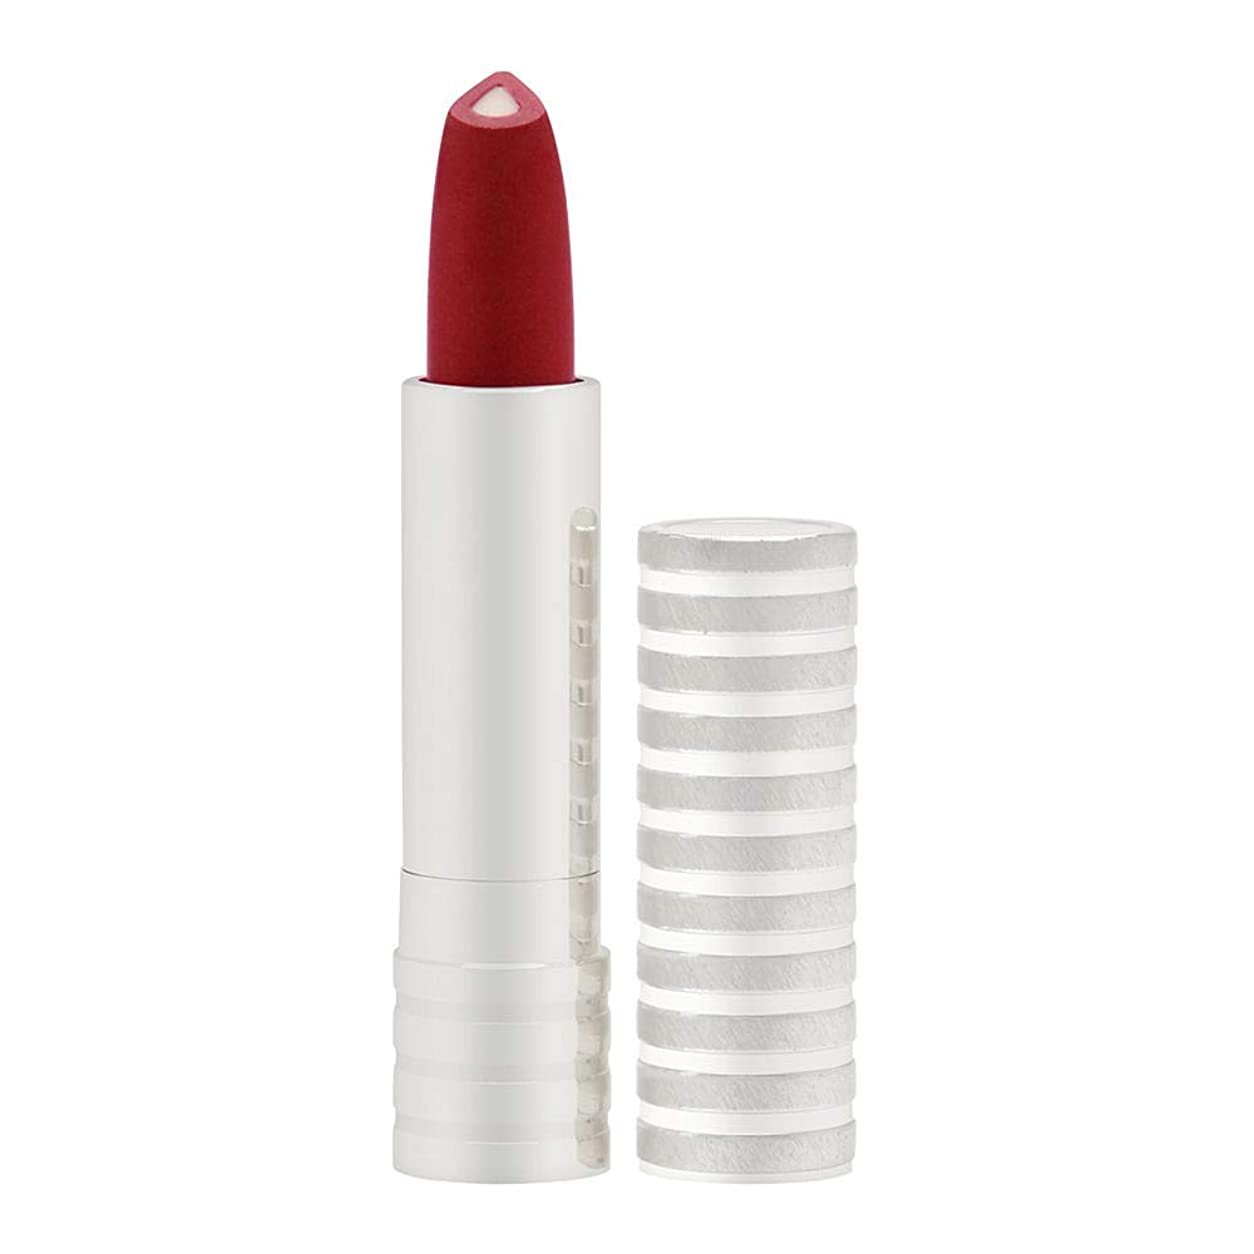 経歴頂点カプラークリニーク Dramatically Different Lipstick Shaping Lip Colour - # 20 Red Alert 3g/0.1oz並行輸入品